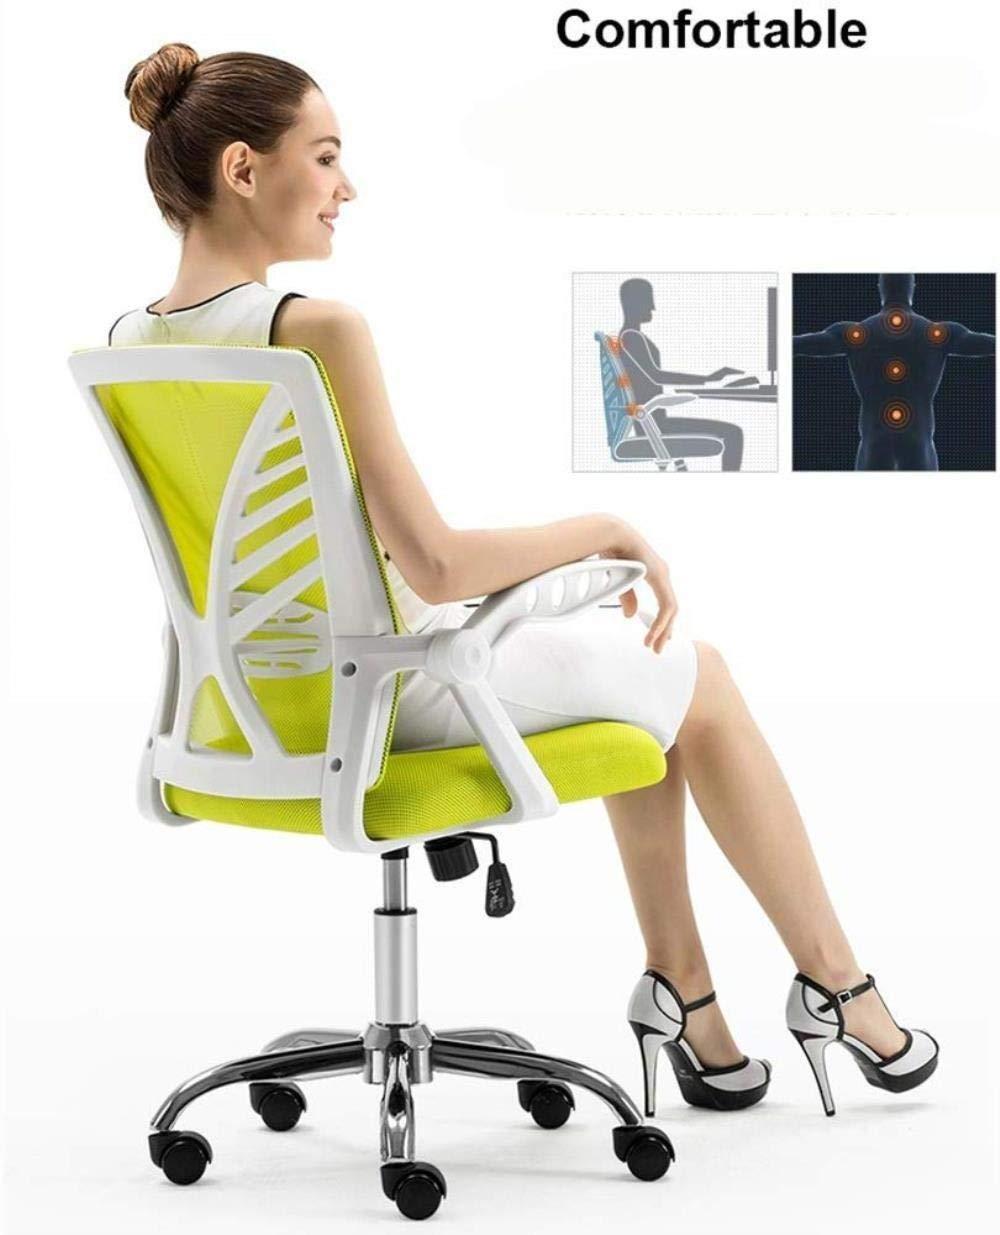 Barstolar THBEIBEI Kontor Cahir spelstol datorstol uppgift skrivbordsstol mellanrygg nätstol hem studierum stol roterande räcke vikt 150 kg (färg: Orange) gRÖN